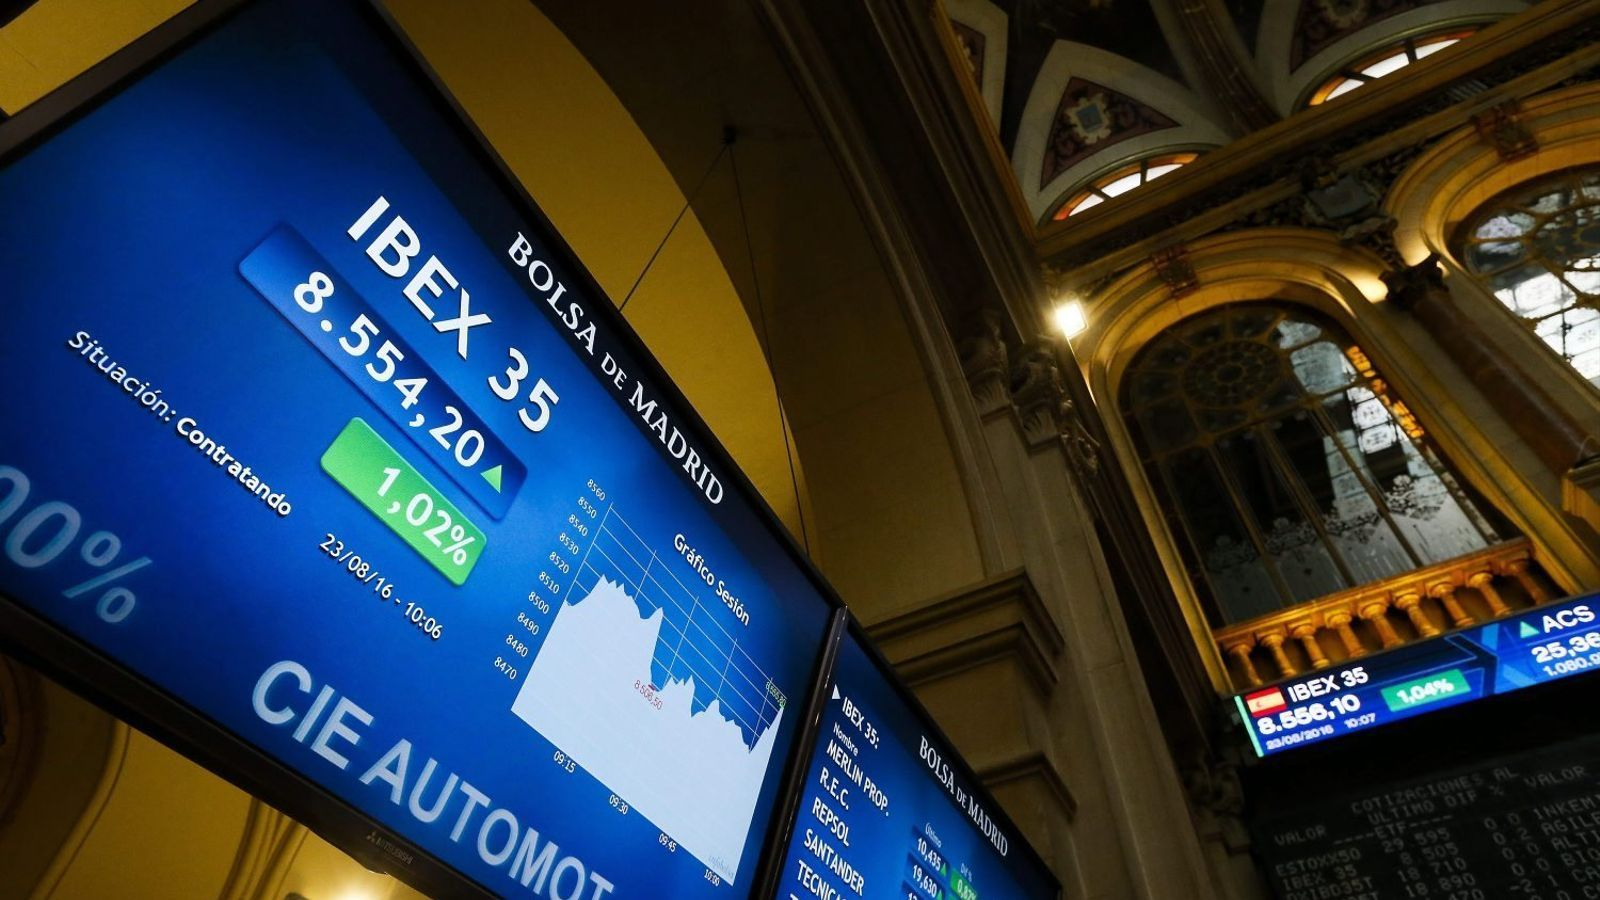 Els bancs recuperen 15.000 M€ a la borsa després del Brexit